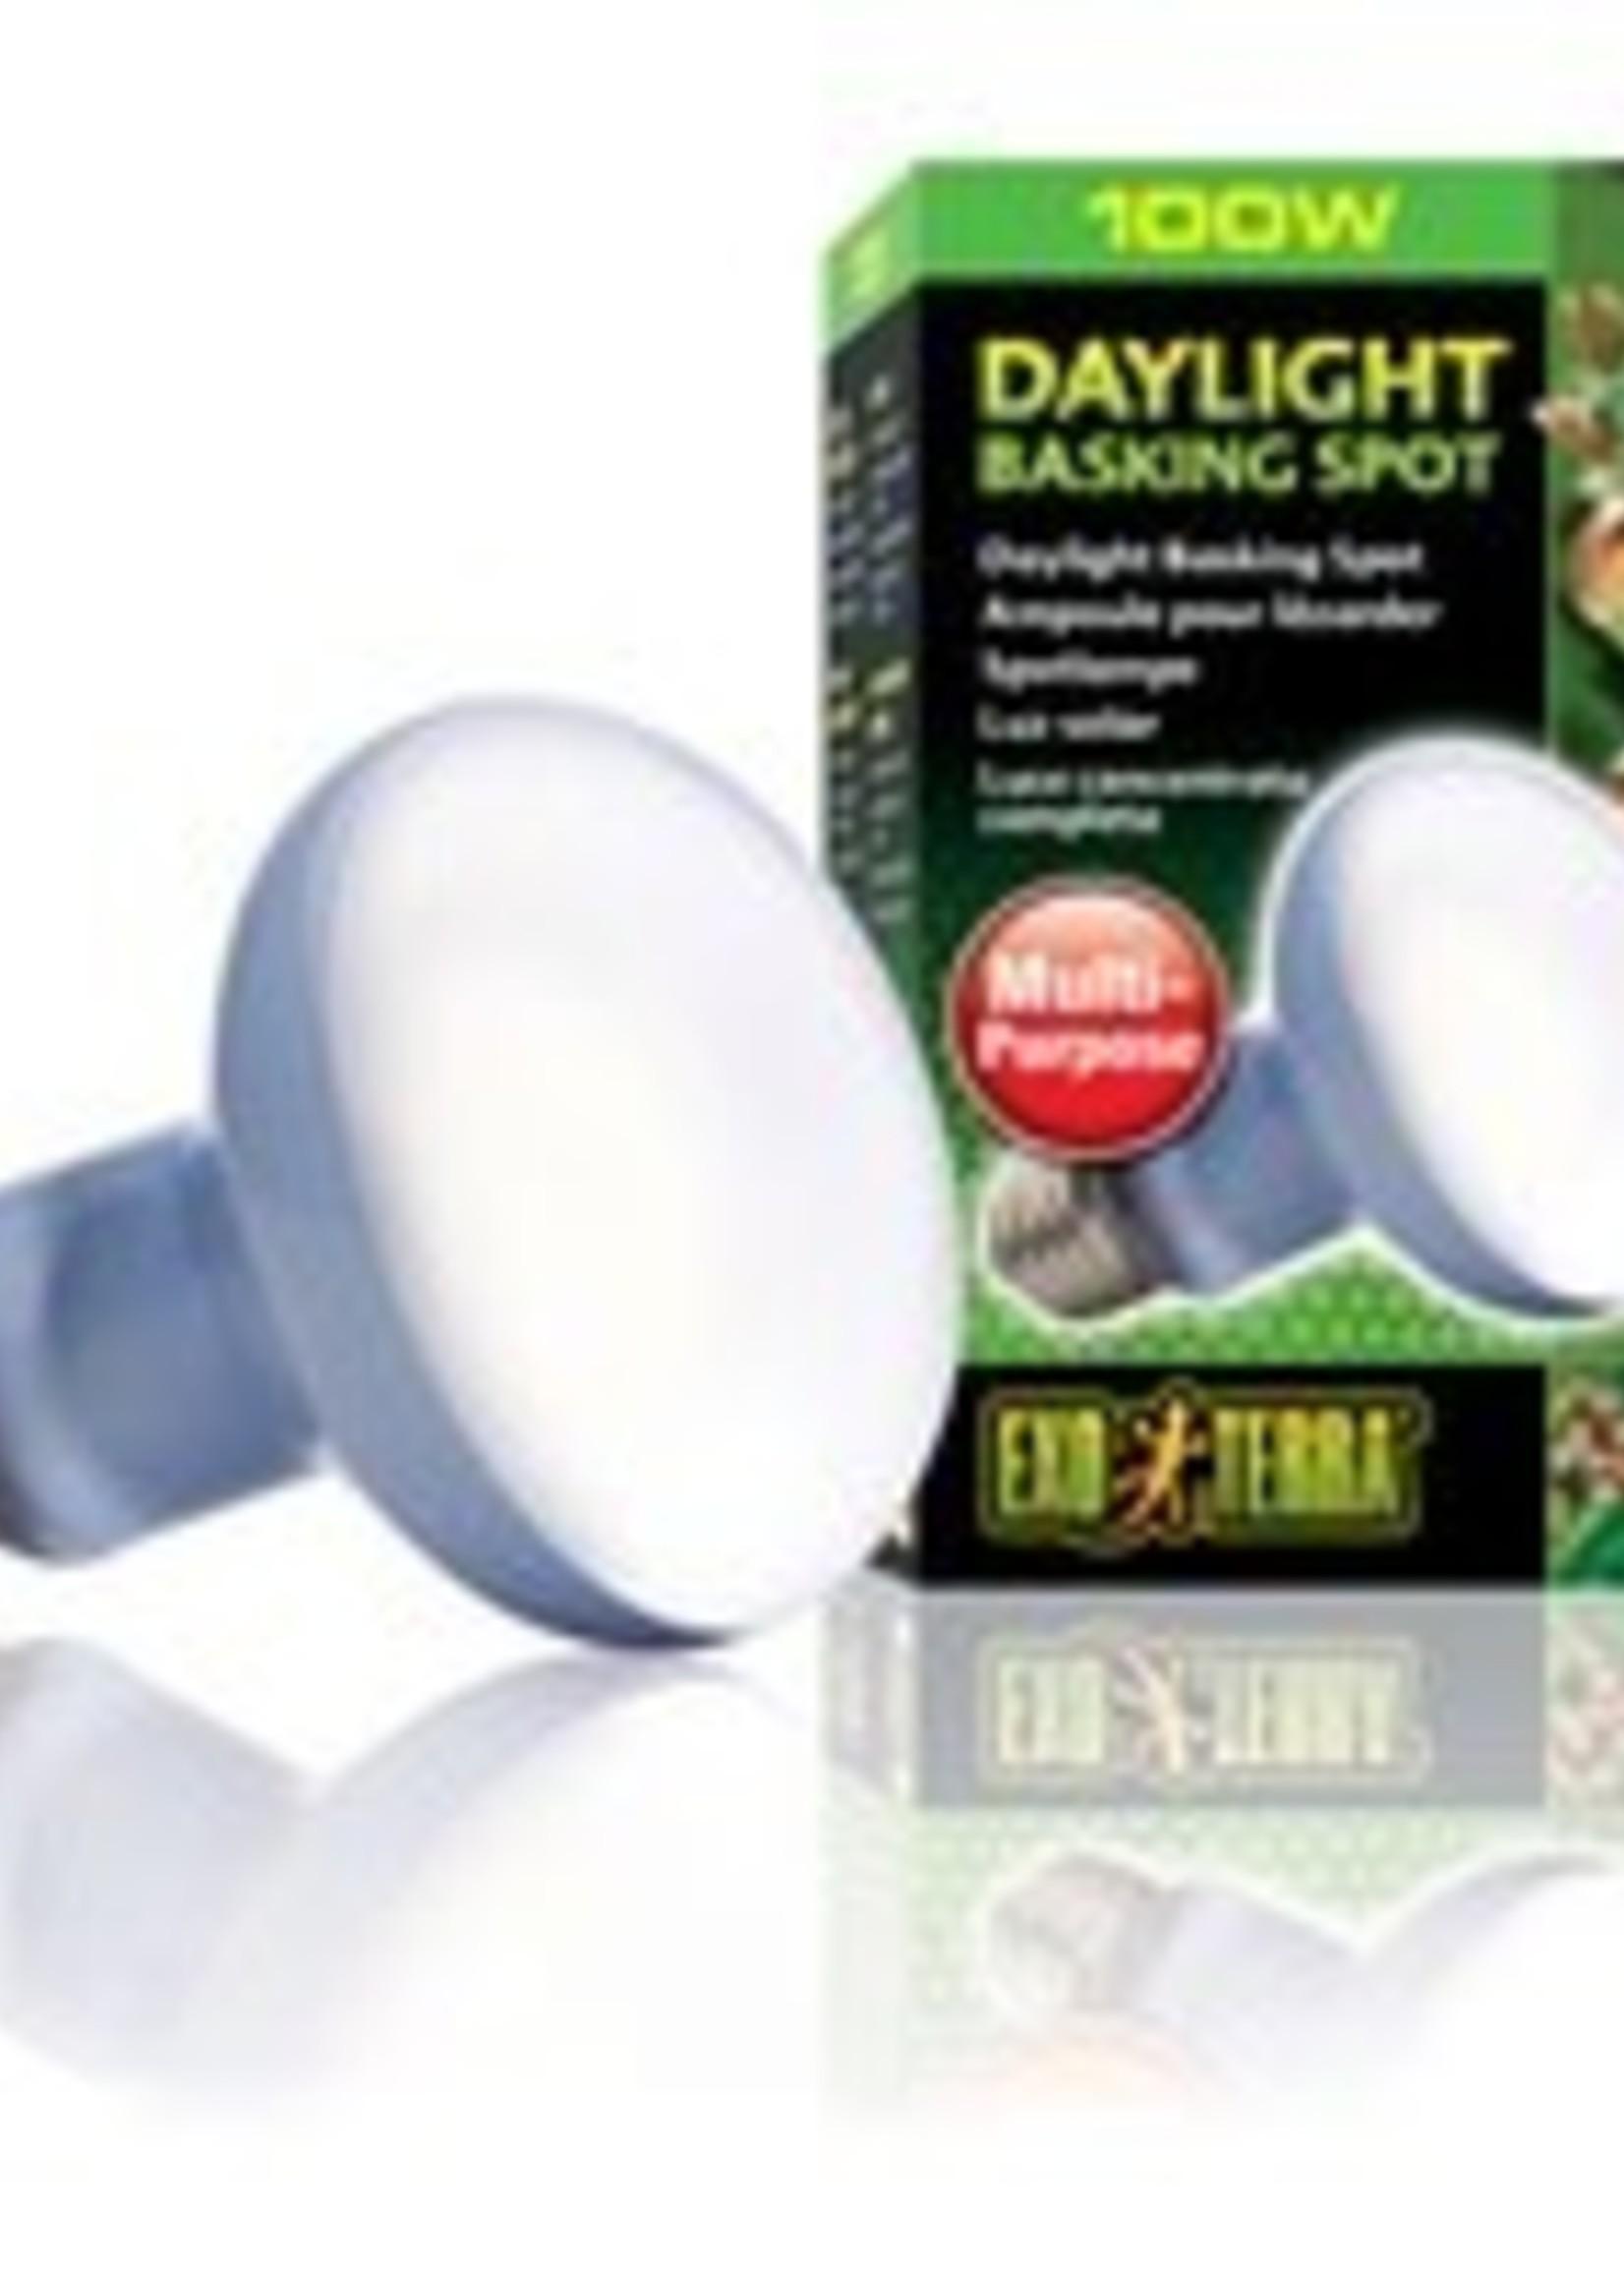 ET Daylight Basking Spot Lamp-R25/100W